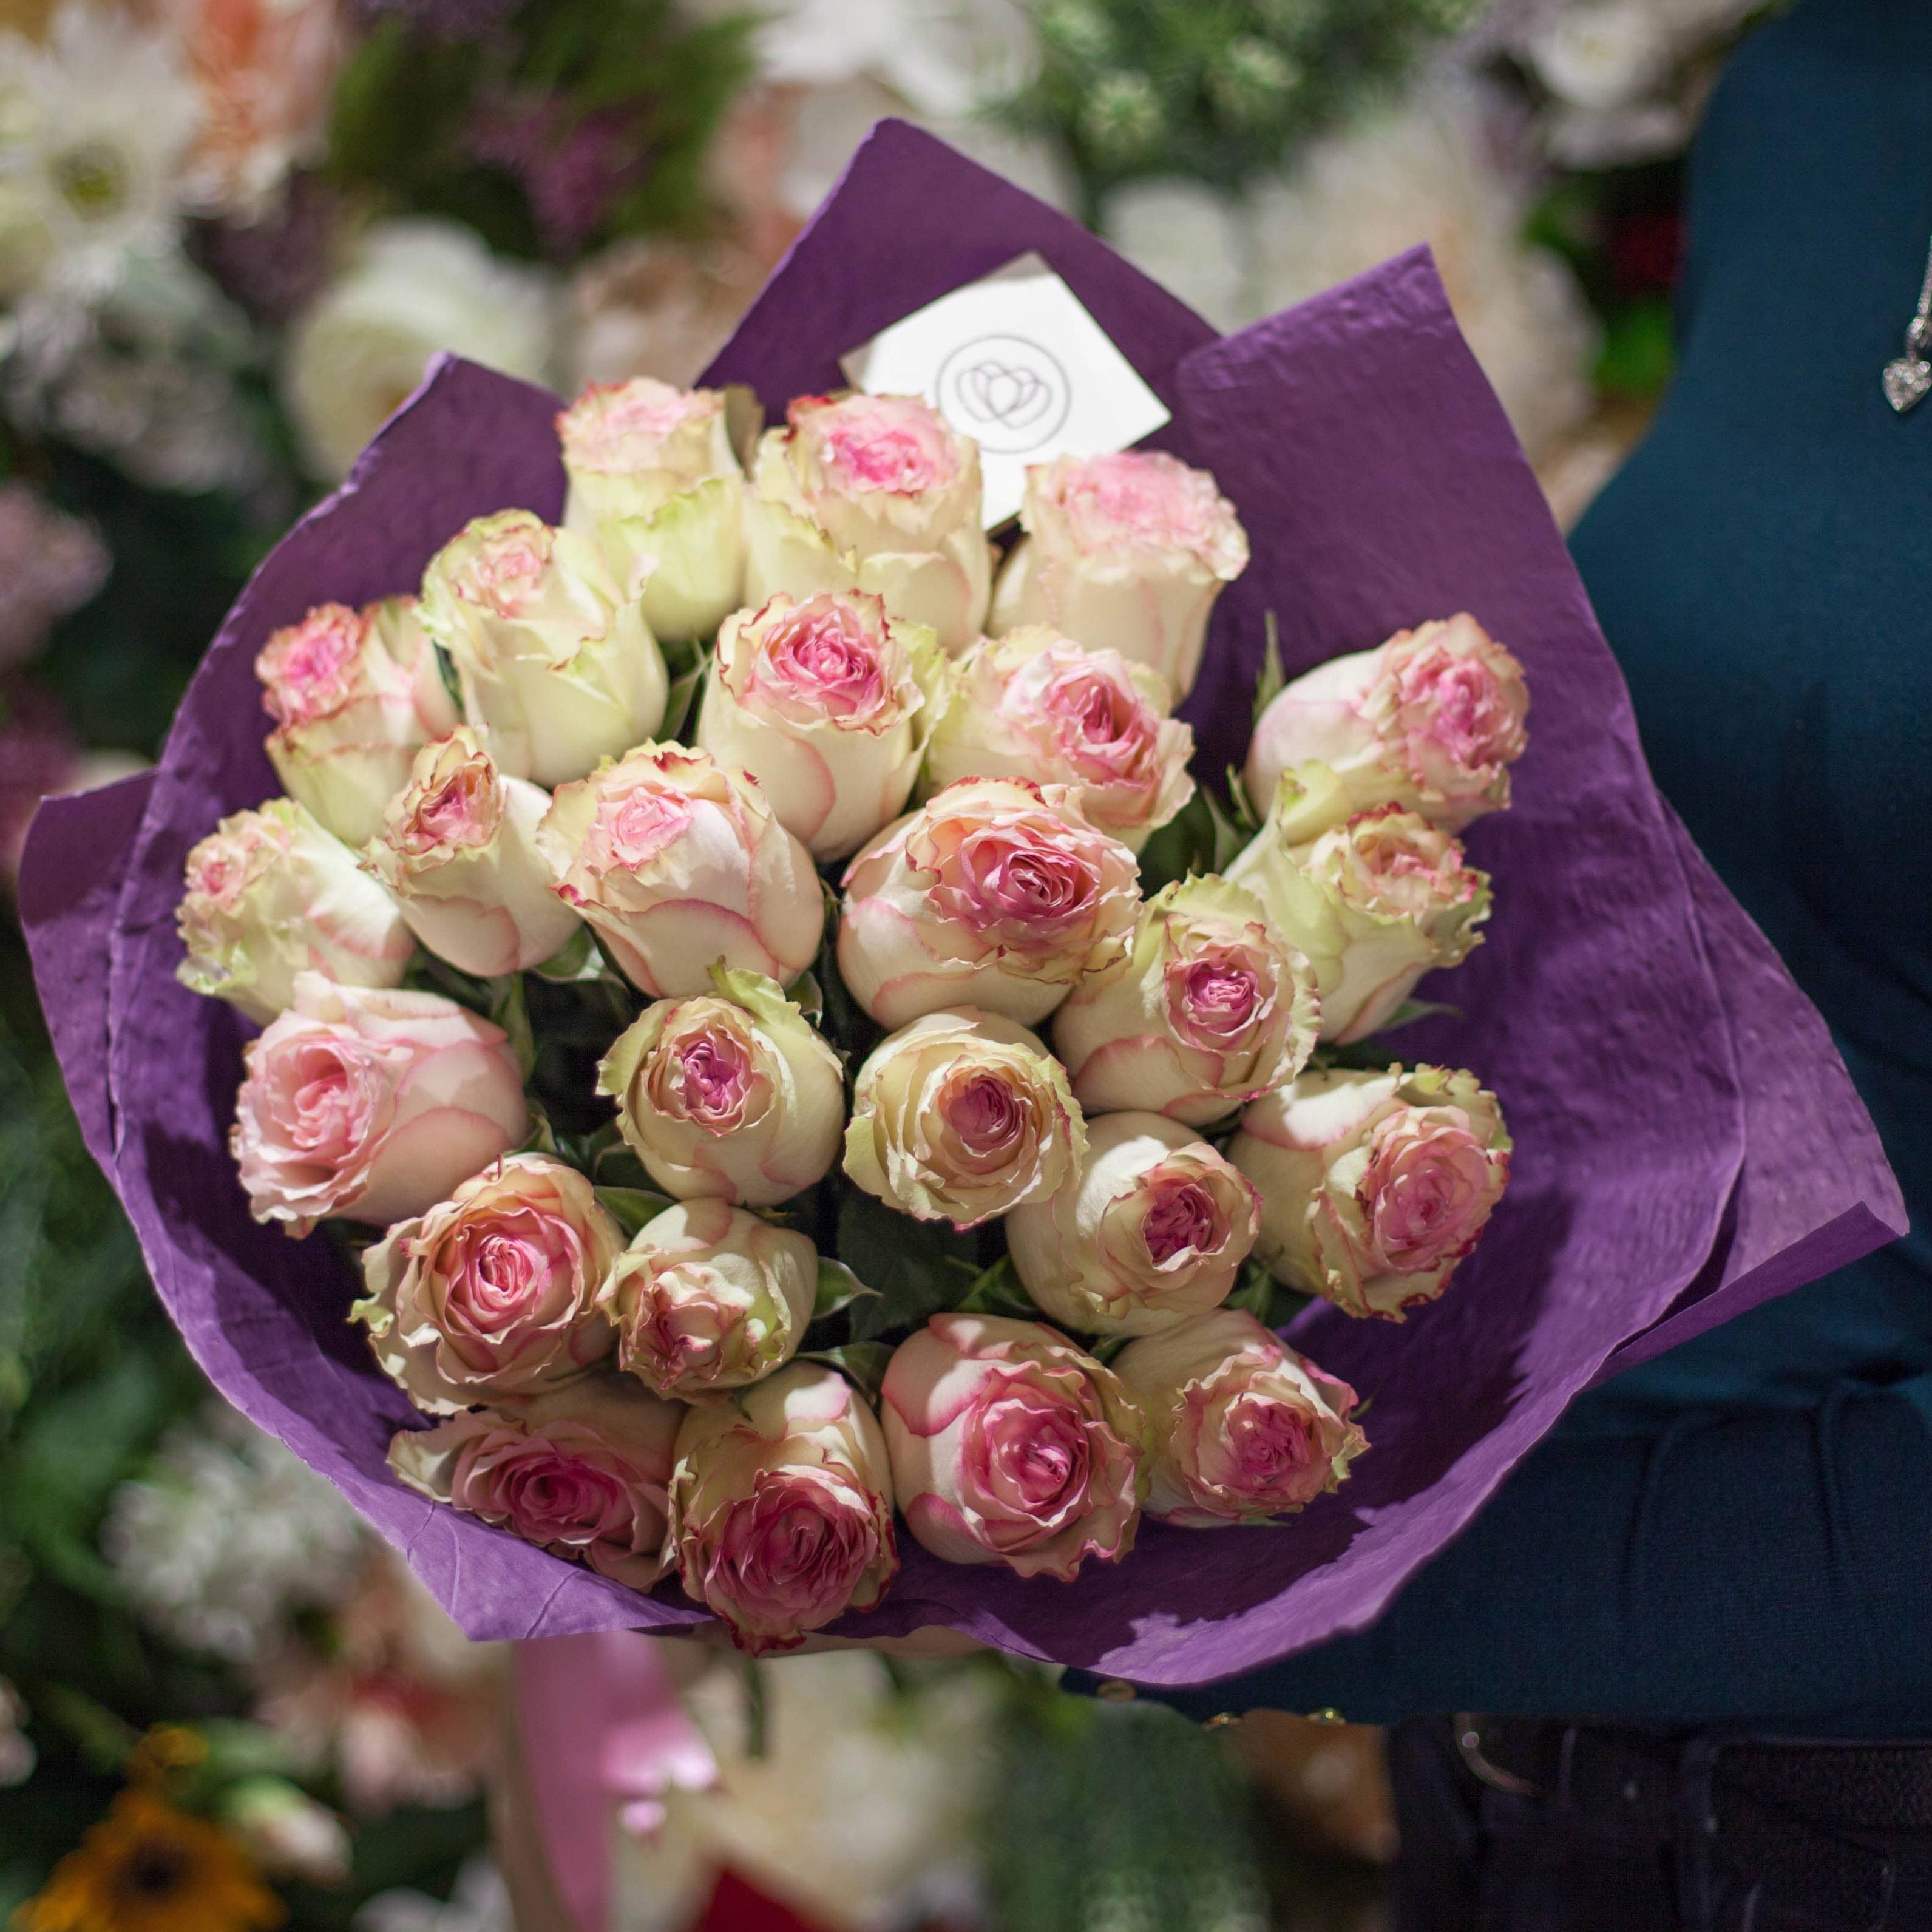 25 розово-фисташковых роз Esperance 50 см фото